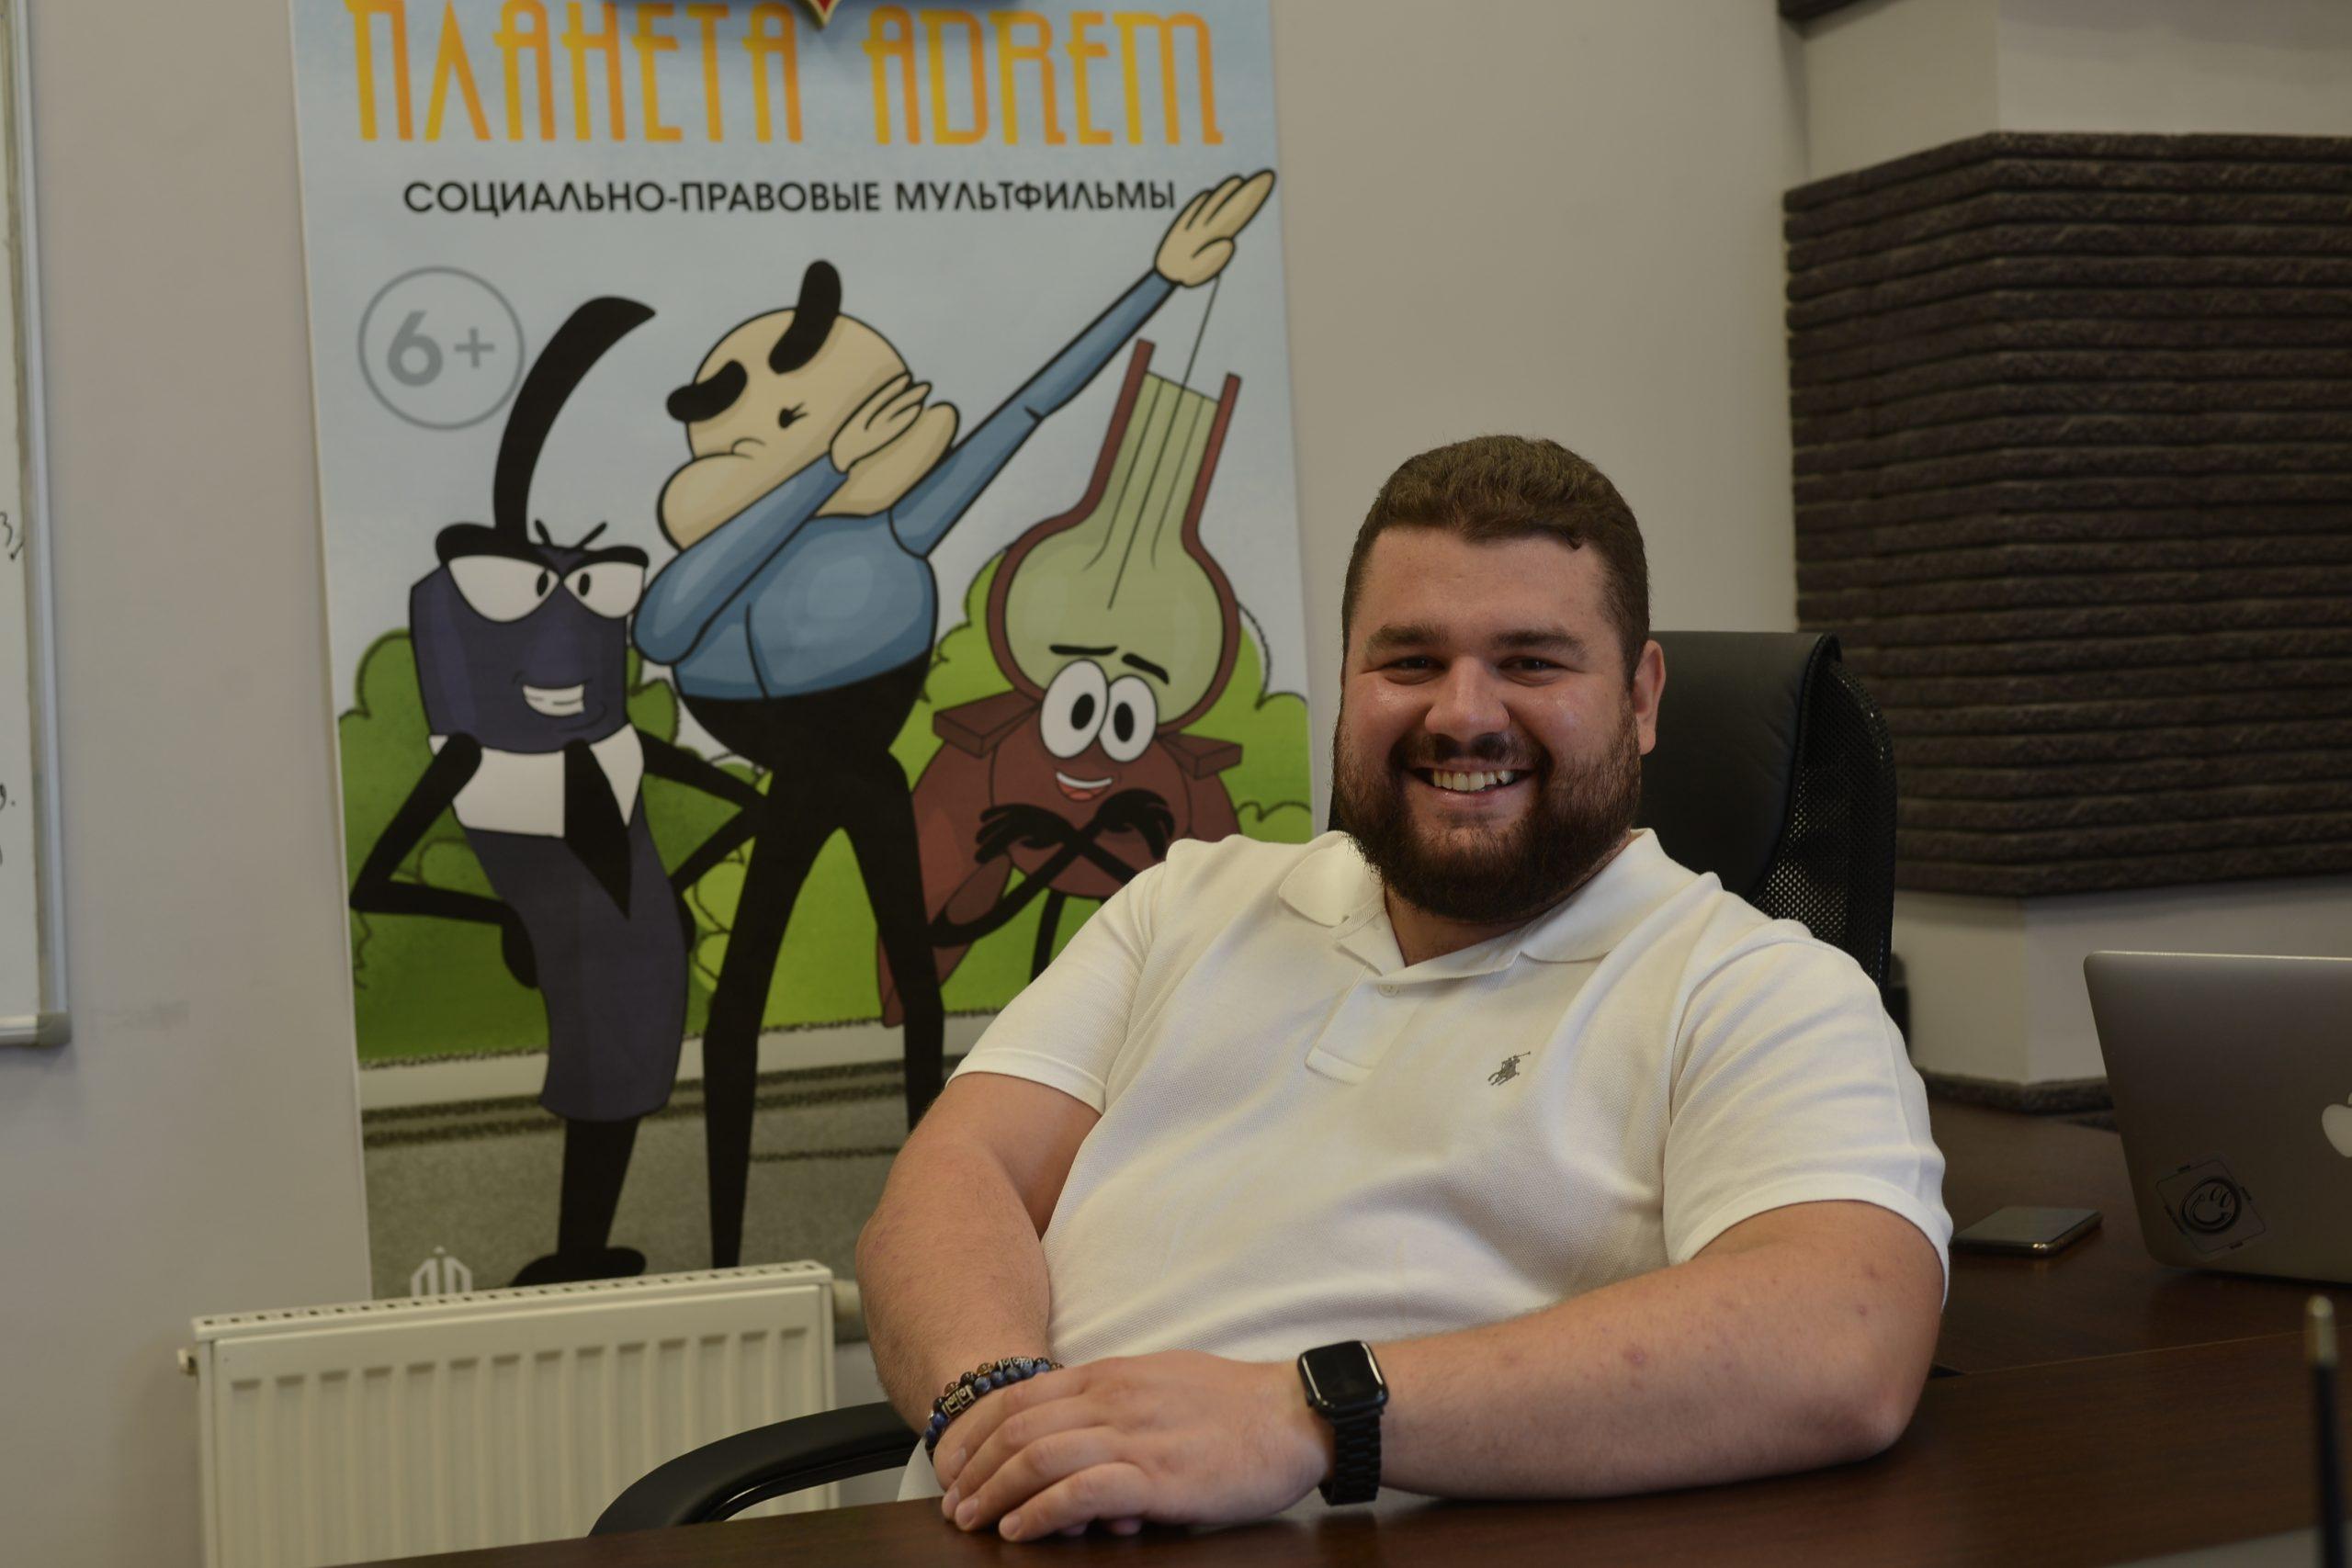 Председатель Молодежной палаты района Арбат Дмитрий Лесняк. Фото: Анна Малакмадзе, «Вечерняя Москва»